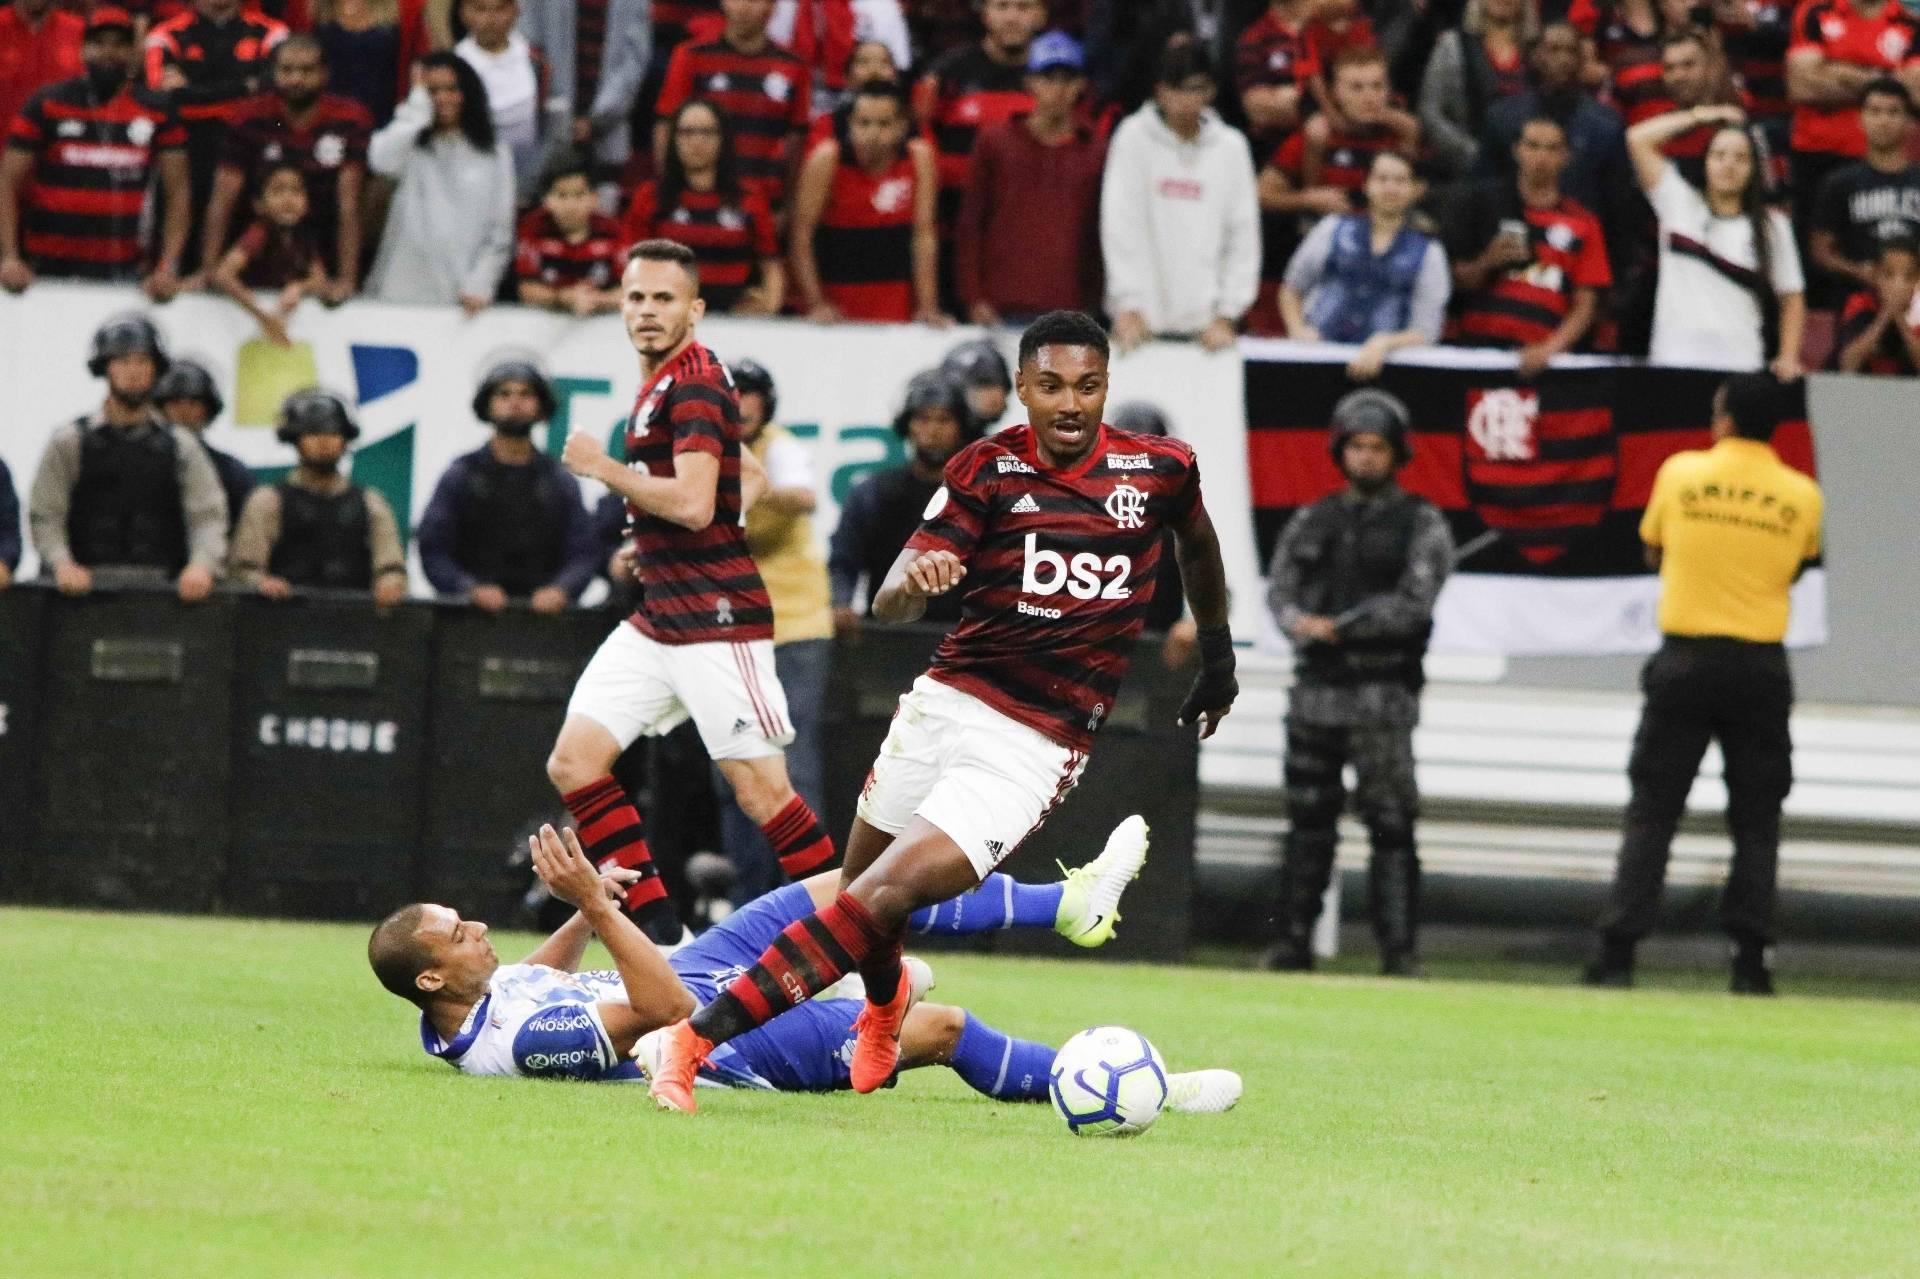 01a965d38b Jesus terá muito trabalho', diz comentarista sobre Flamengo Jornal ...